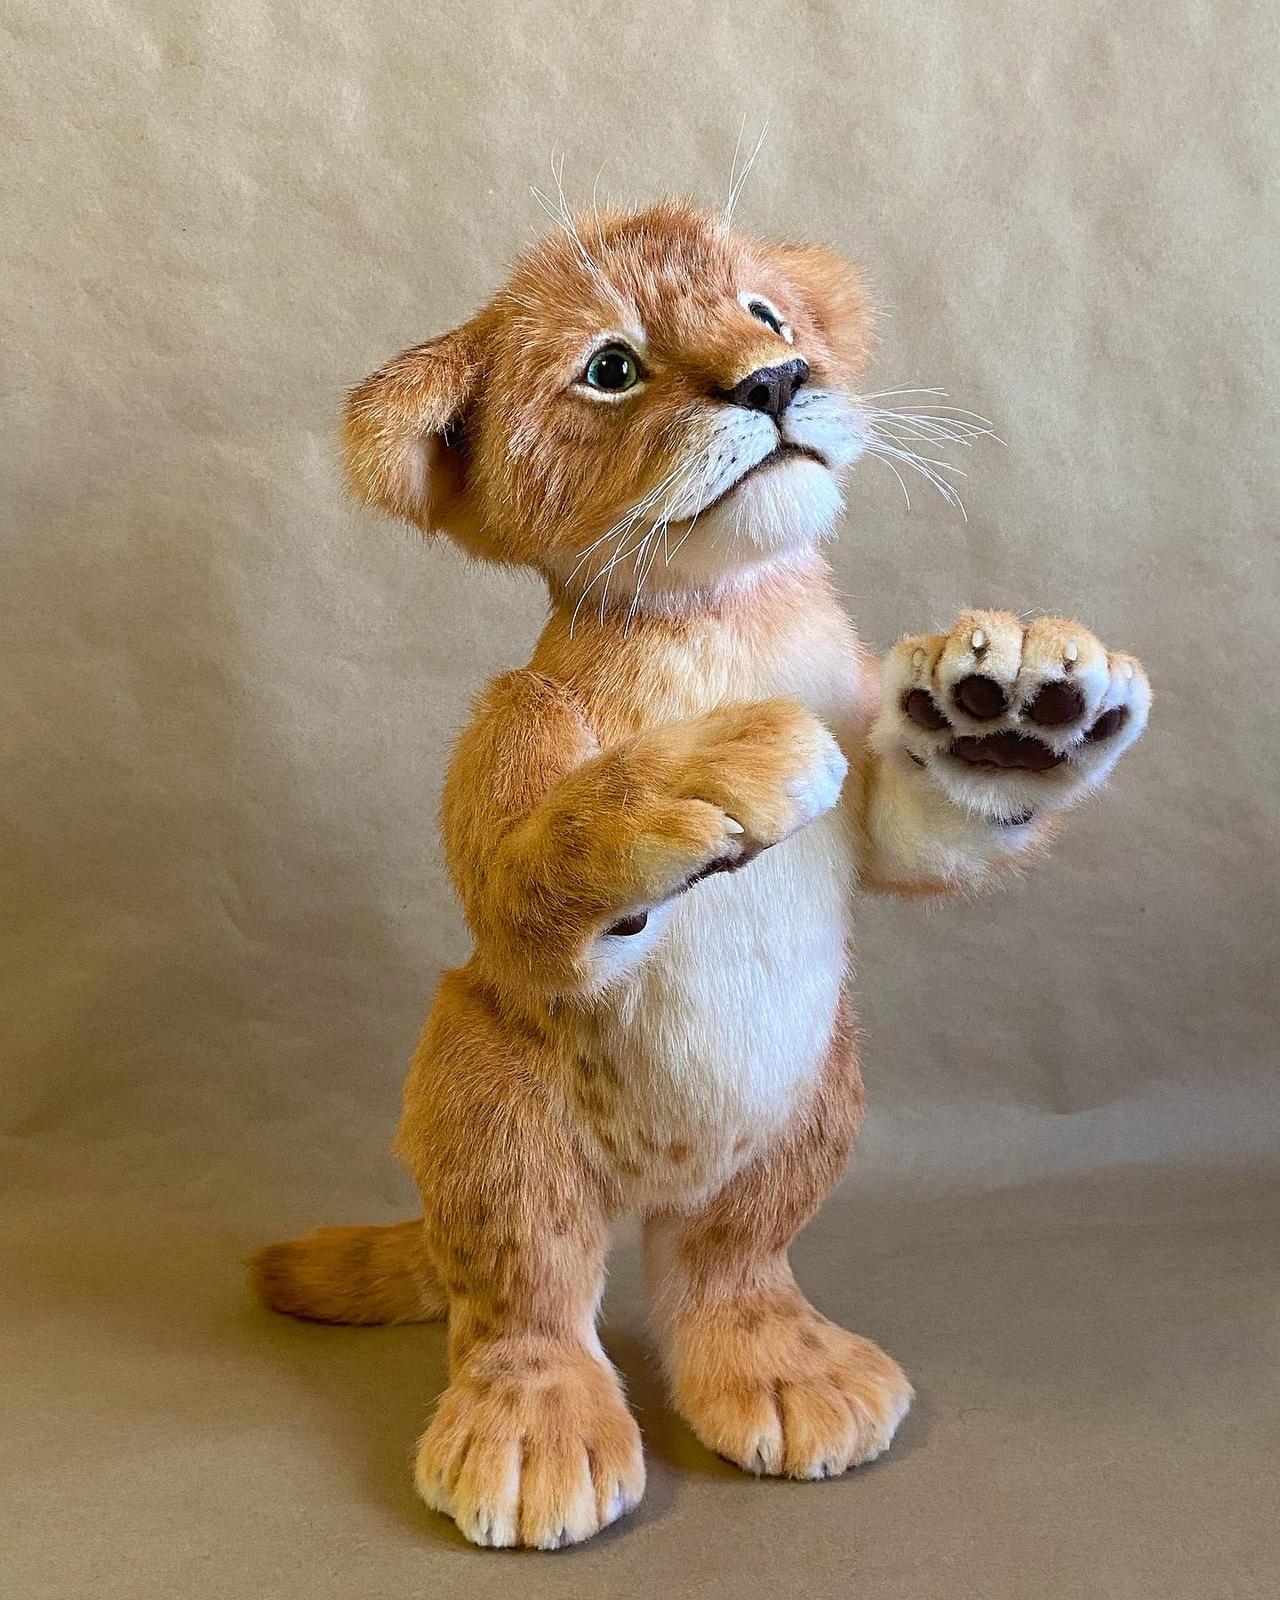 Lion cub James